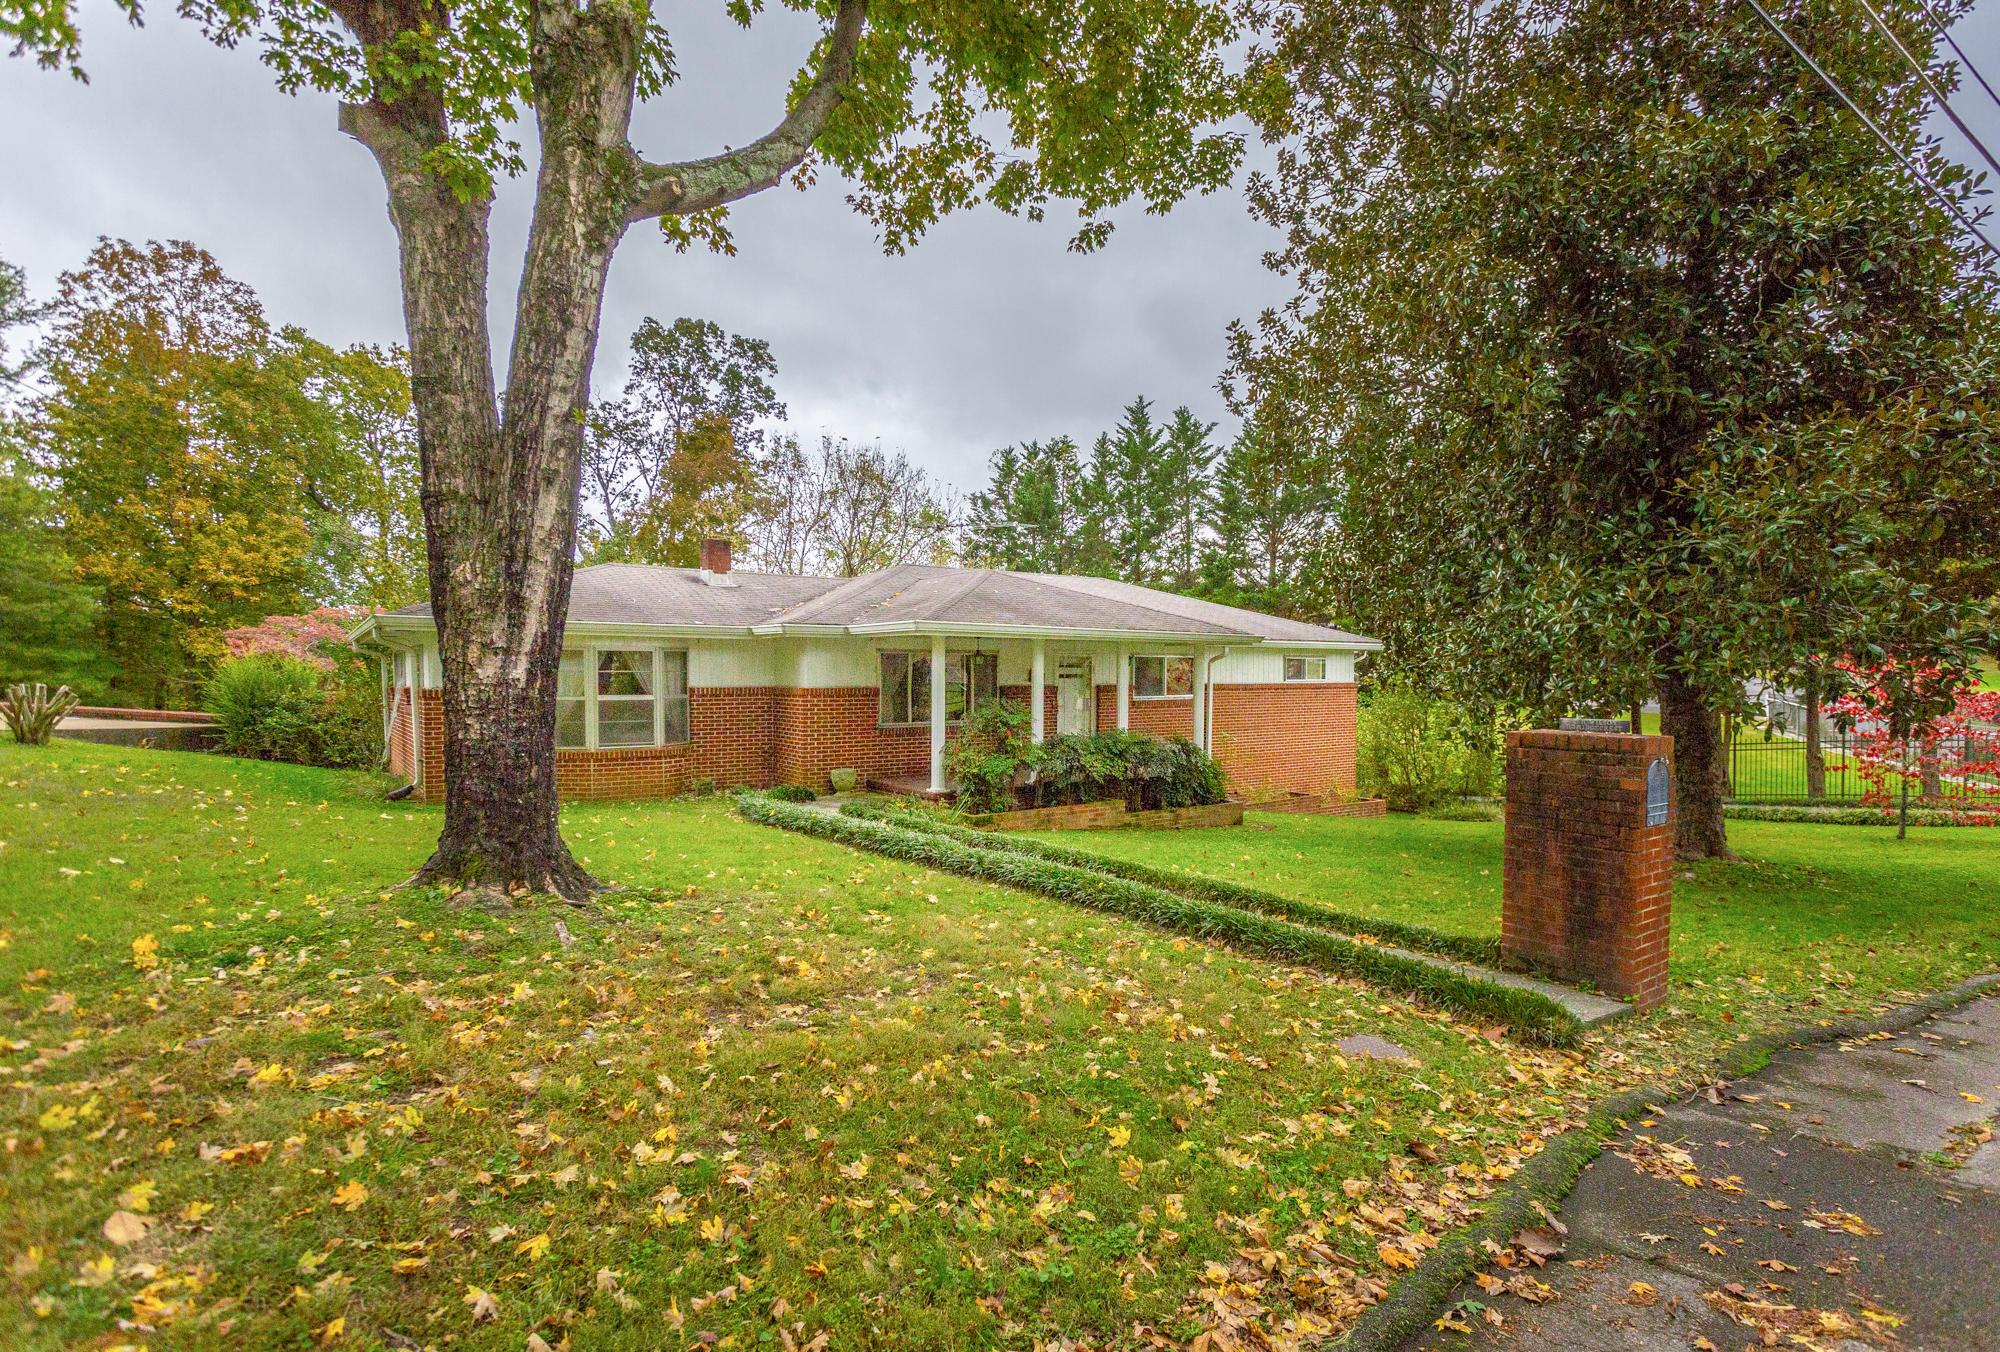 113 Ridgecrest Cir, Rossville, GA 30741